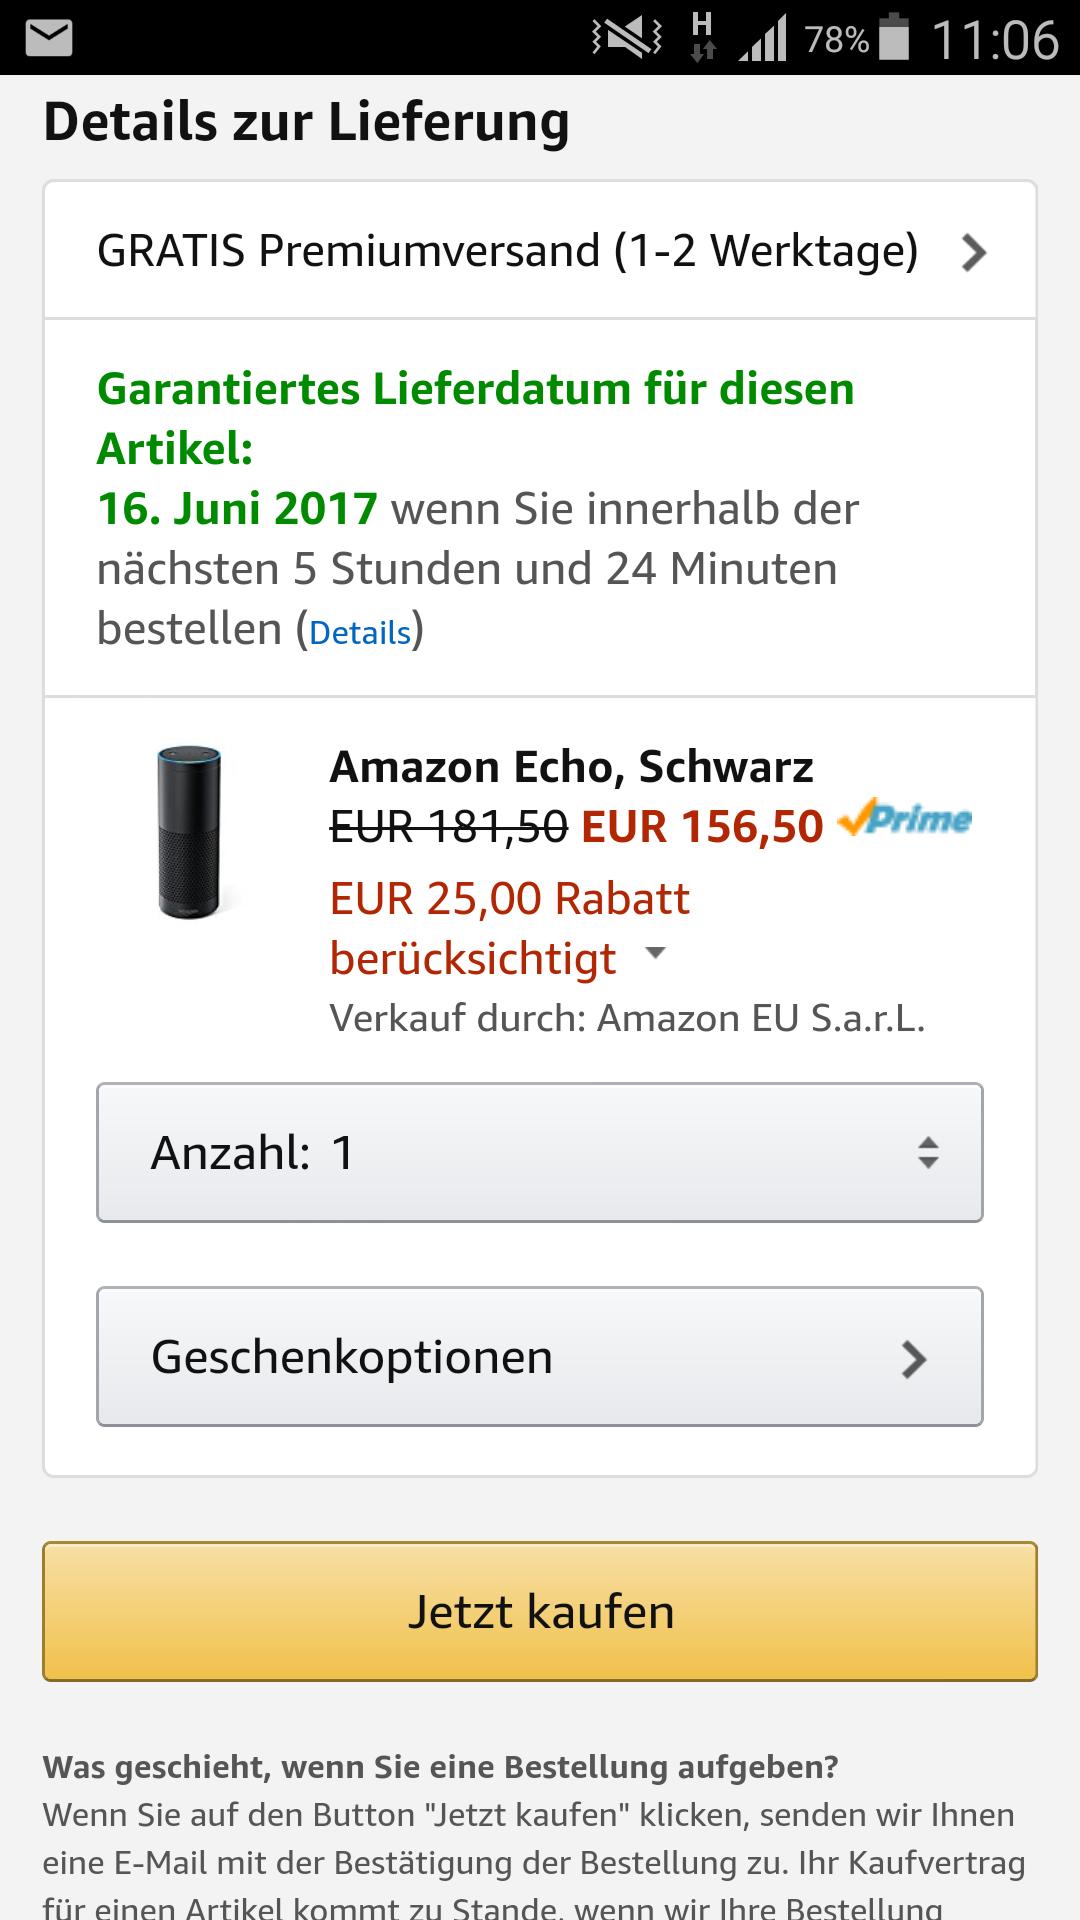 Amazon Echo mit Gutscheincode um 25€ günstiger